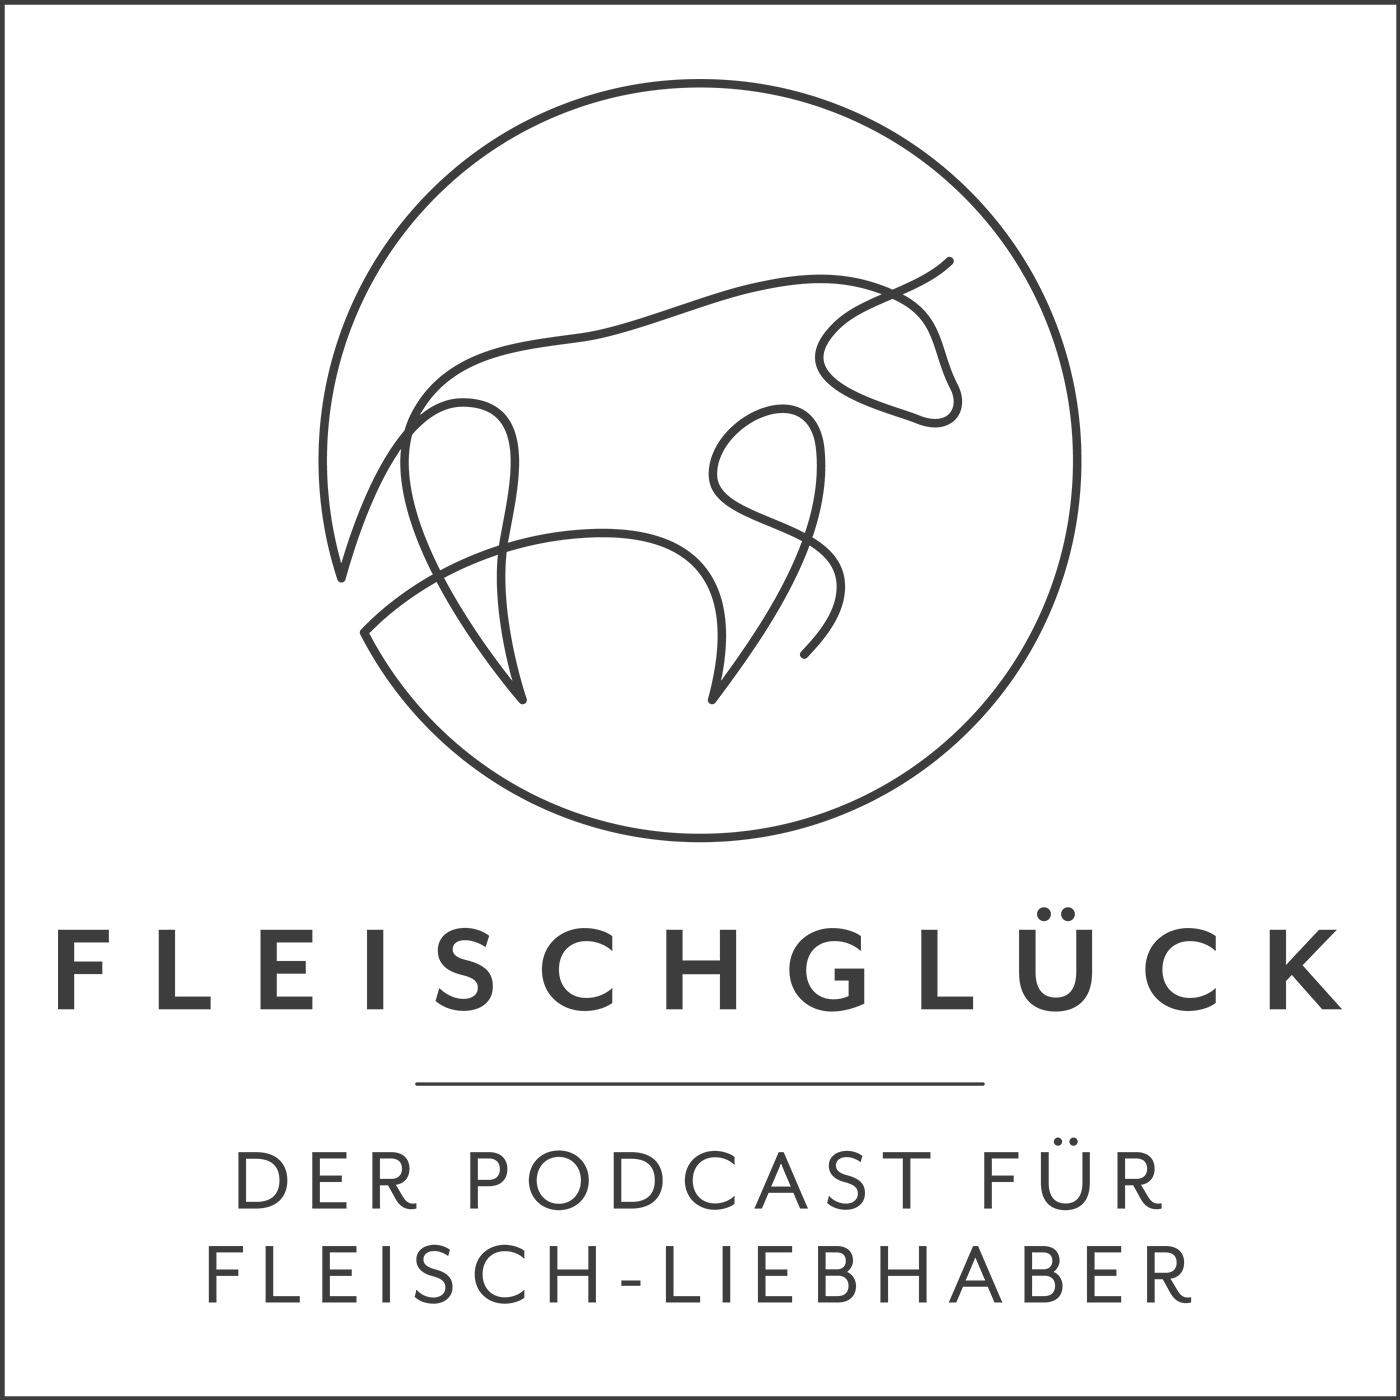 Fleischglück Podcast show art